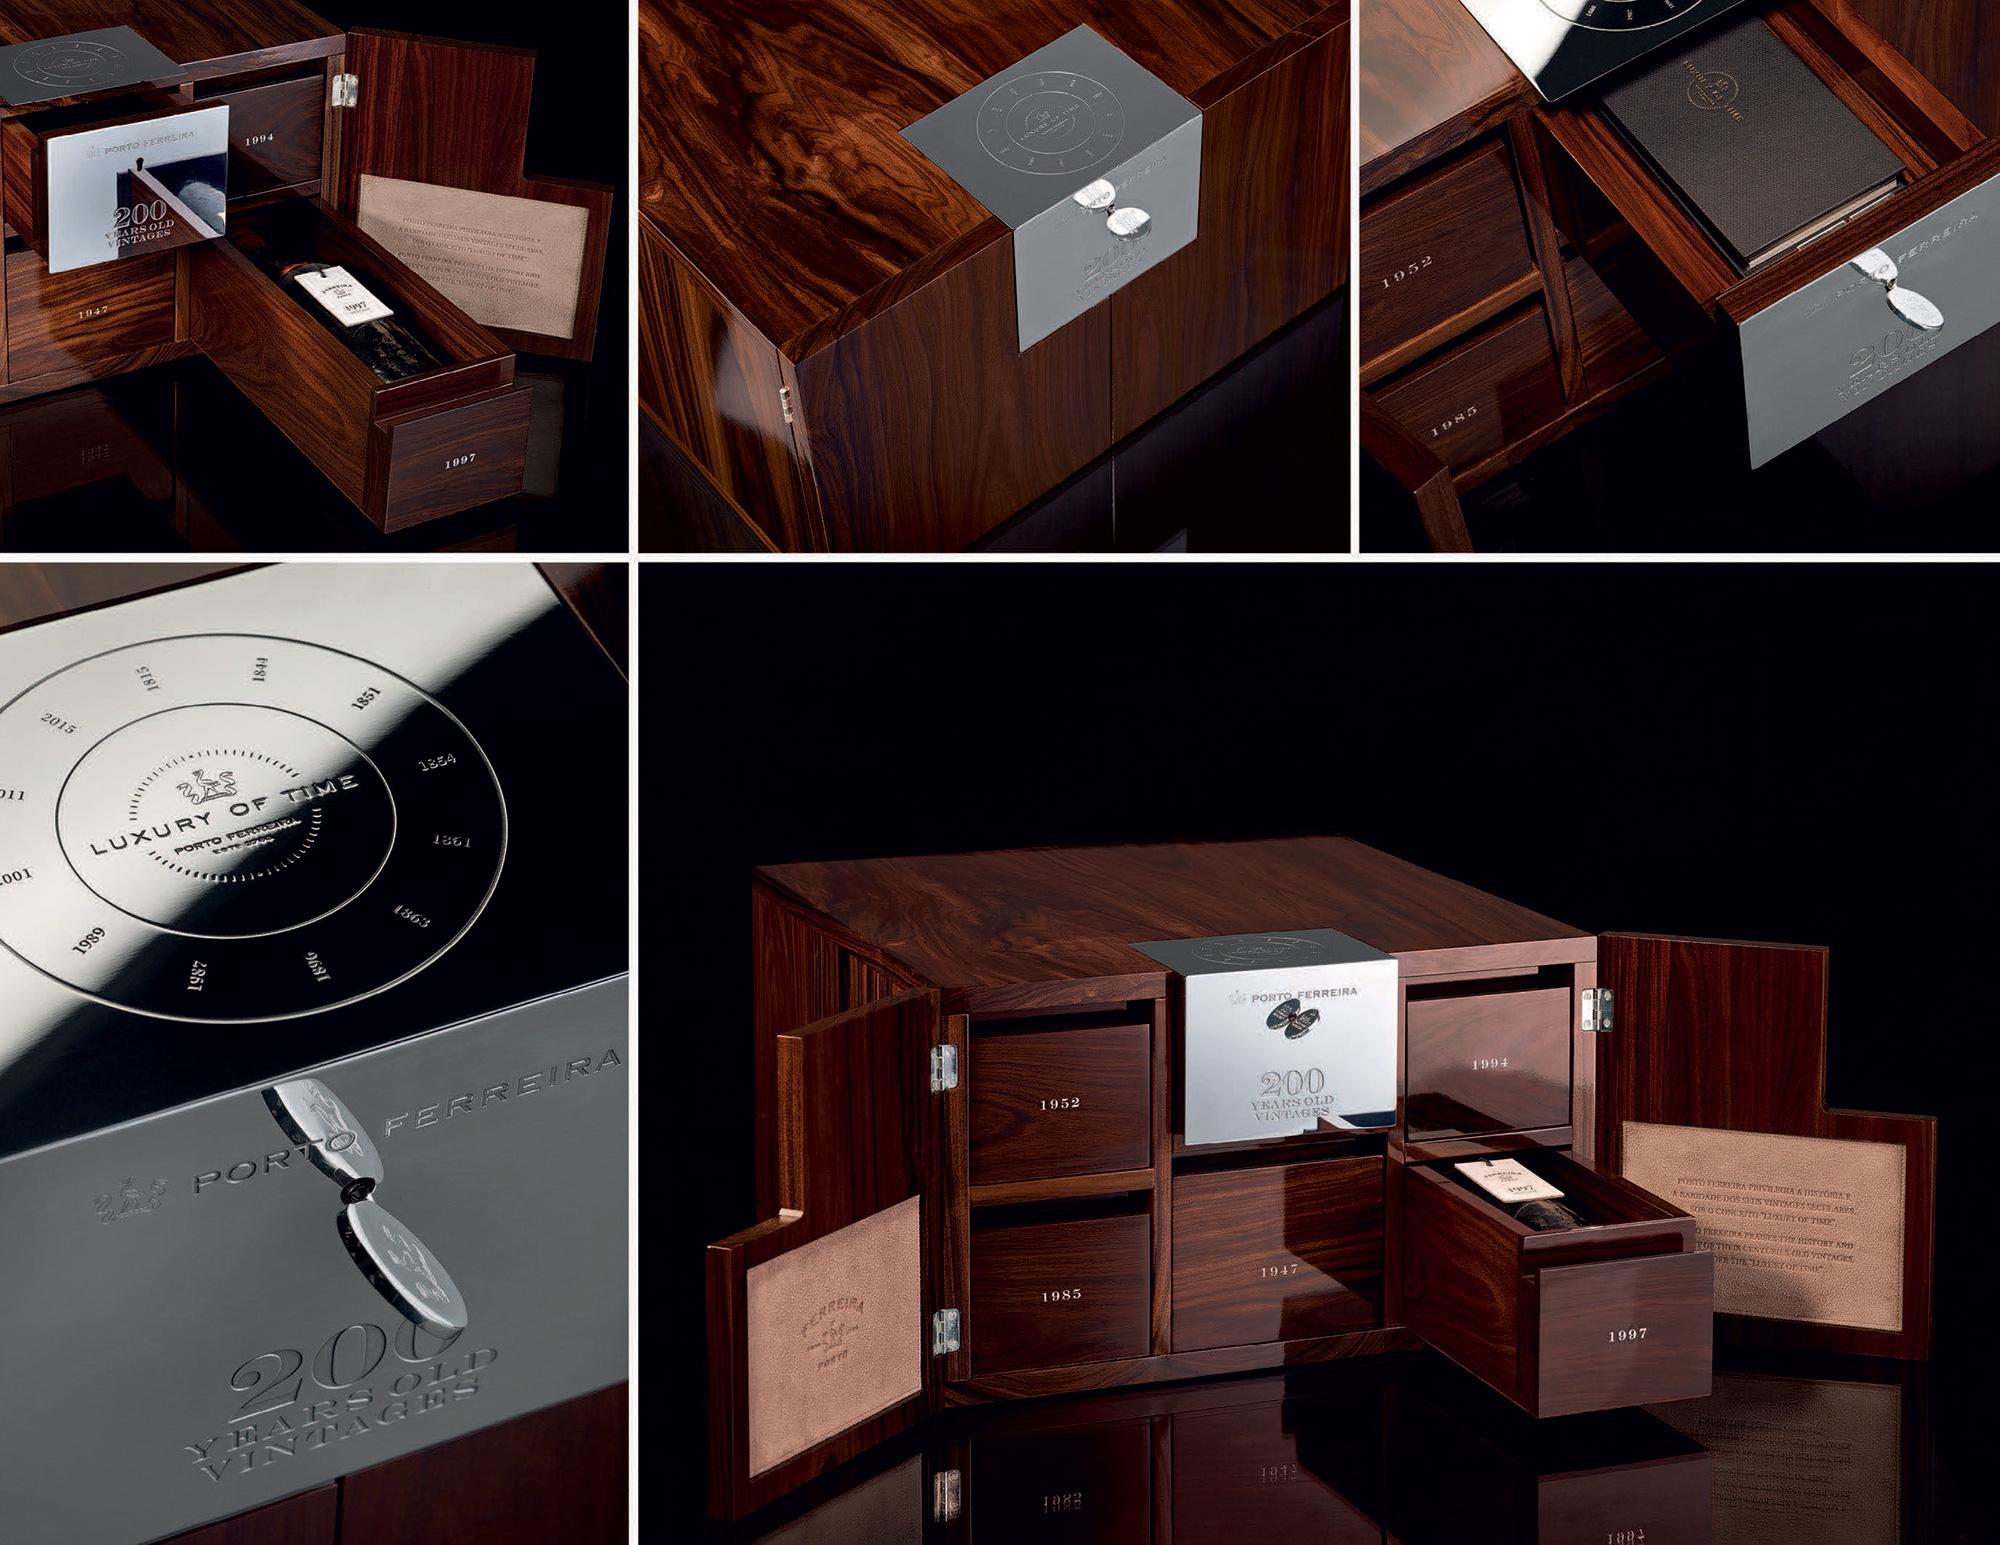 Waterloo Vintage 1815 - Packaging Design | Muse Creative Awards